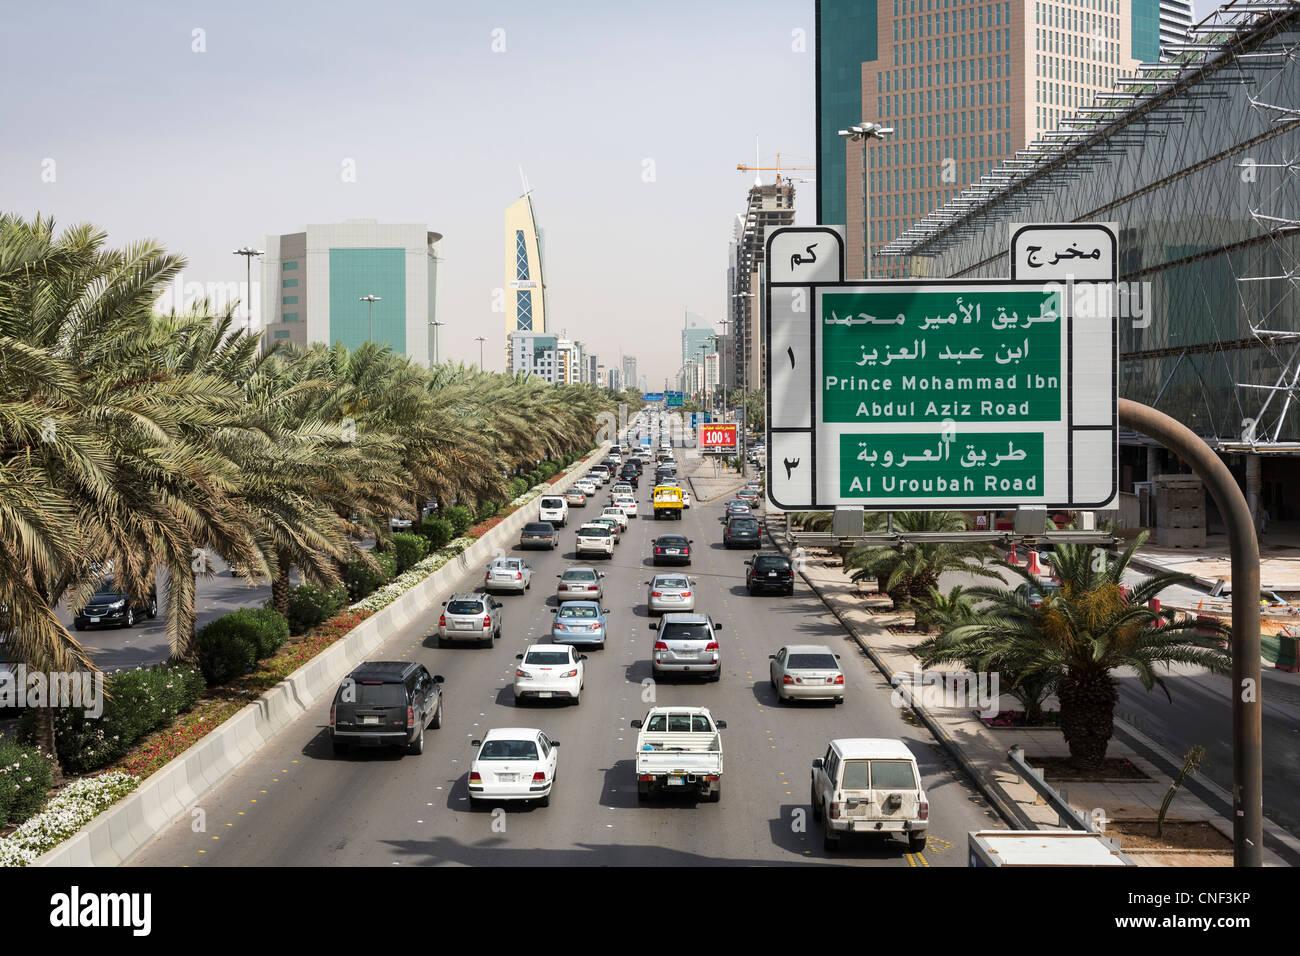 Trafic sur King Fahd Road, Riyadh, Arabie Saoudite Photo Stock